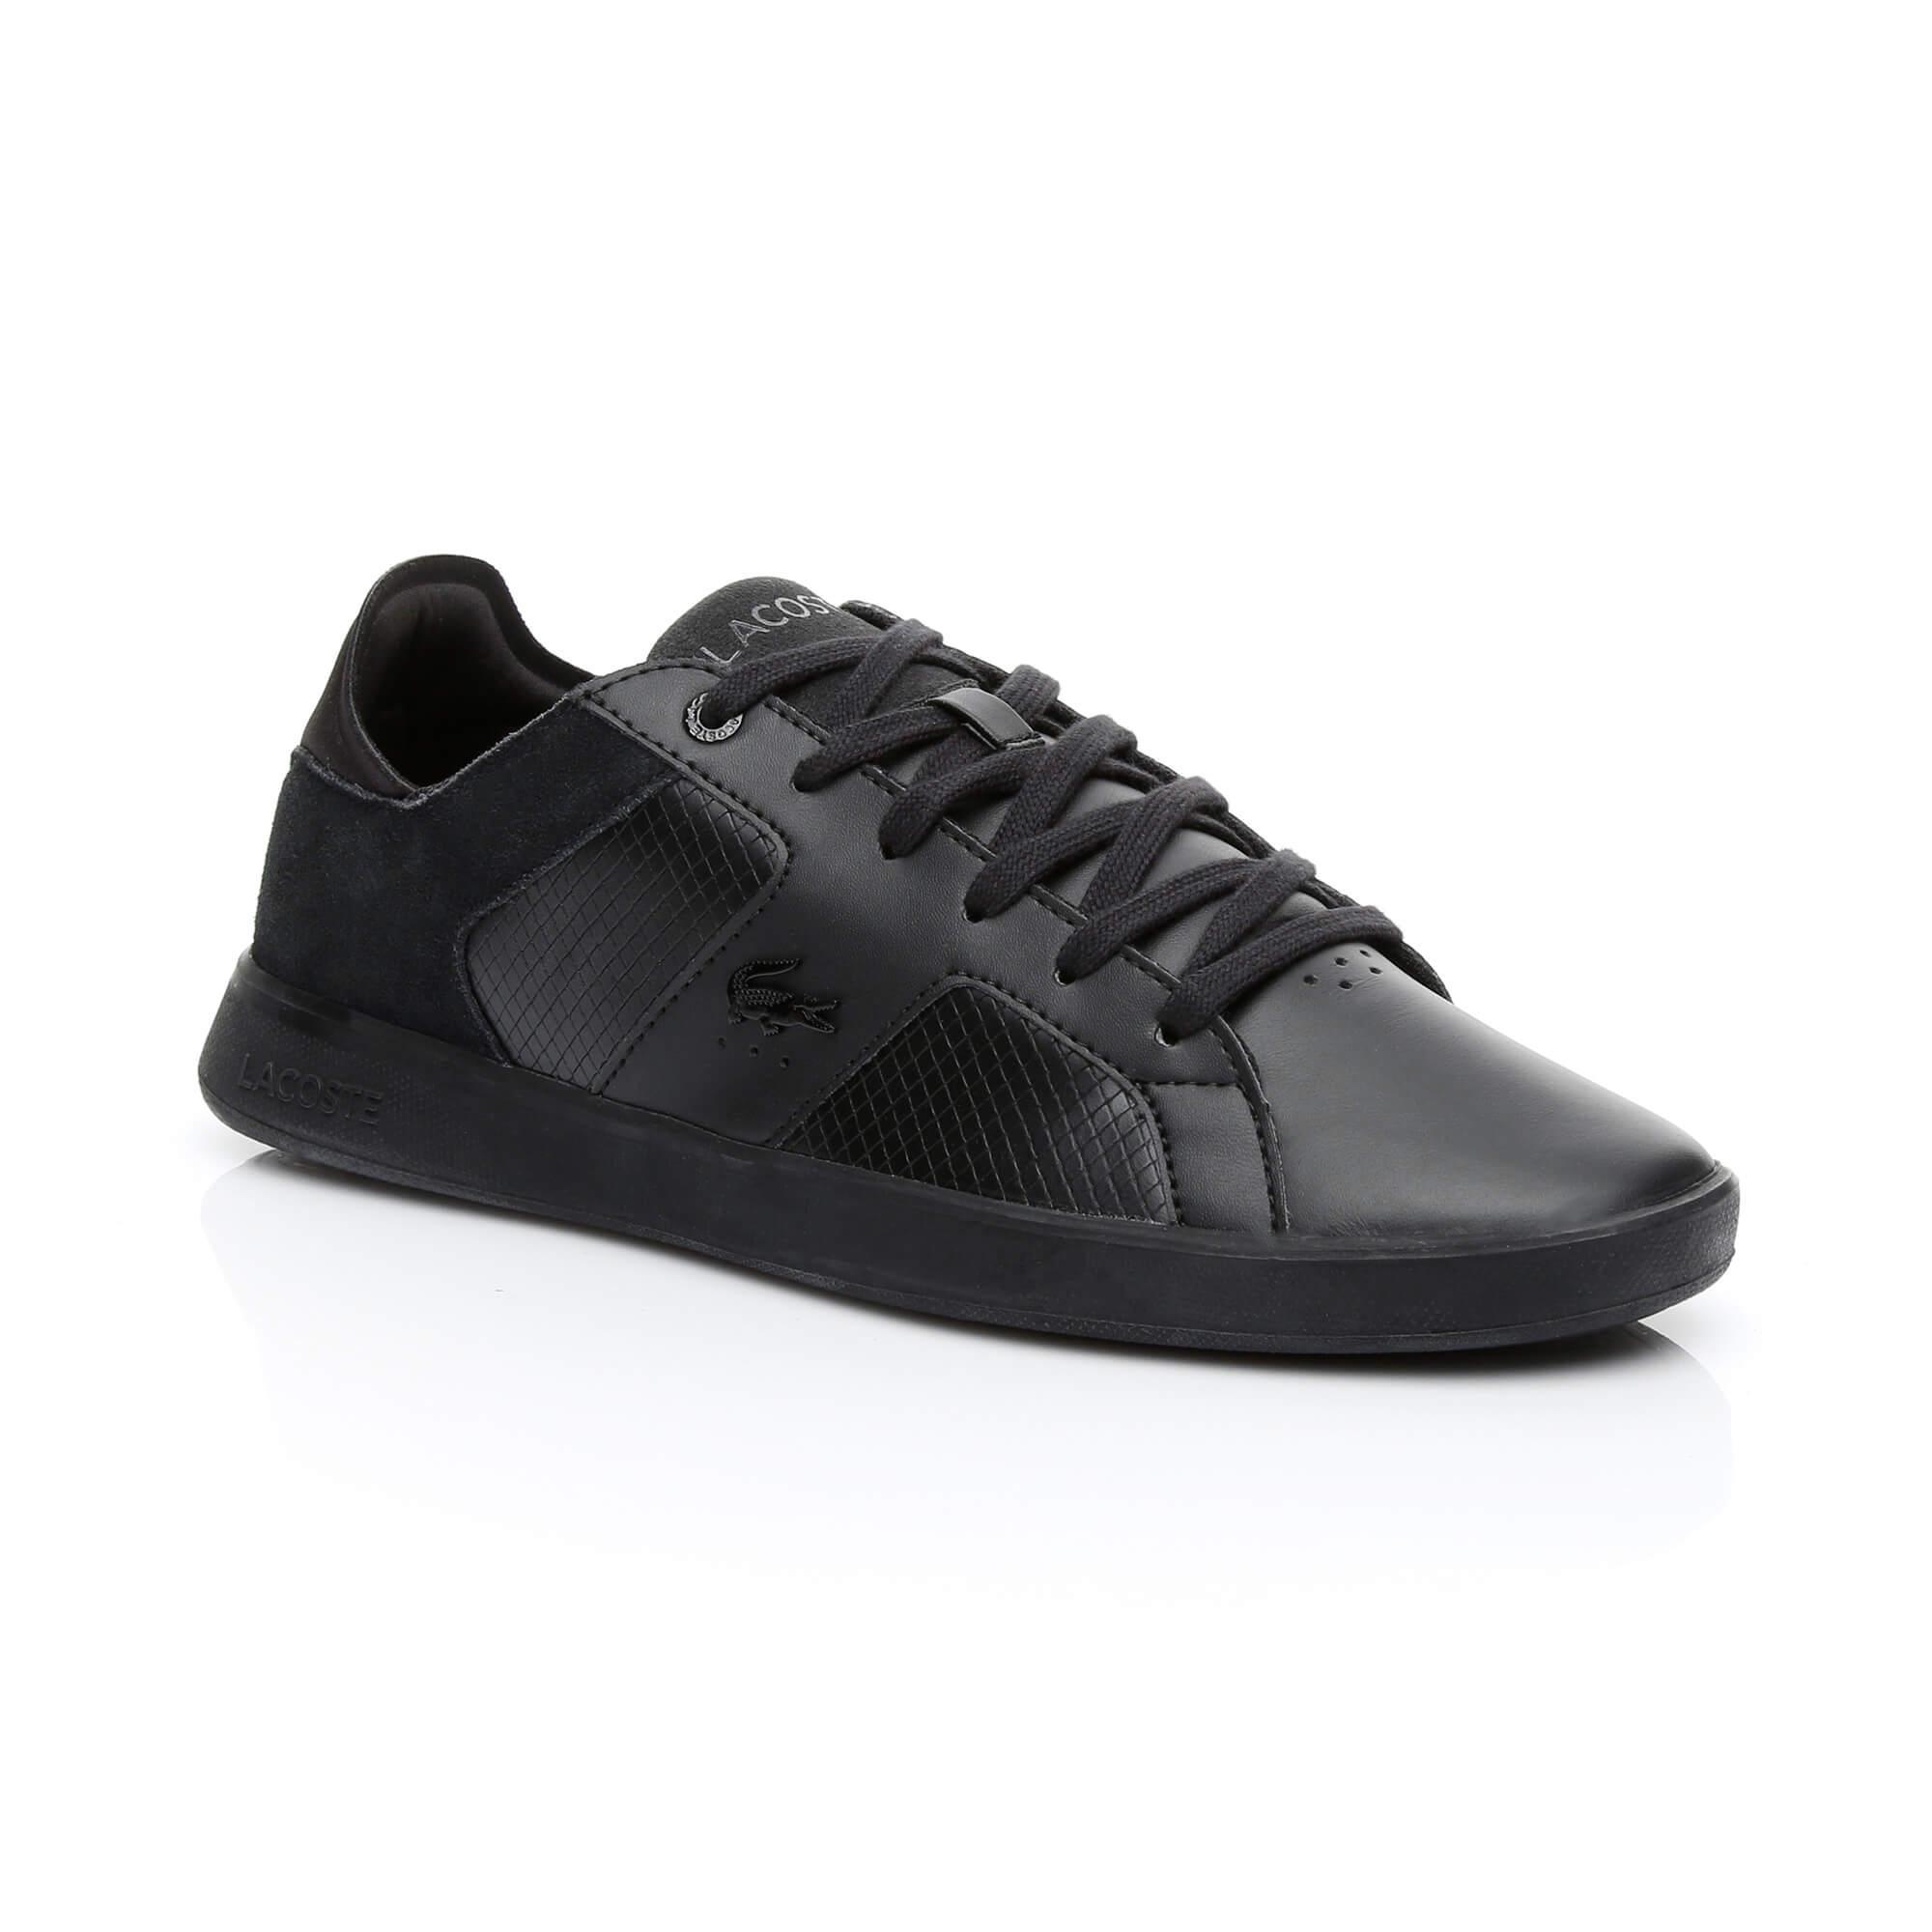 Lacoste Men's Novas Leather Trainers